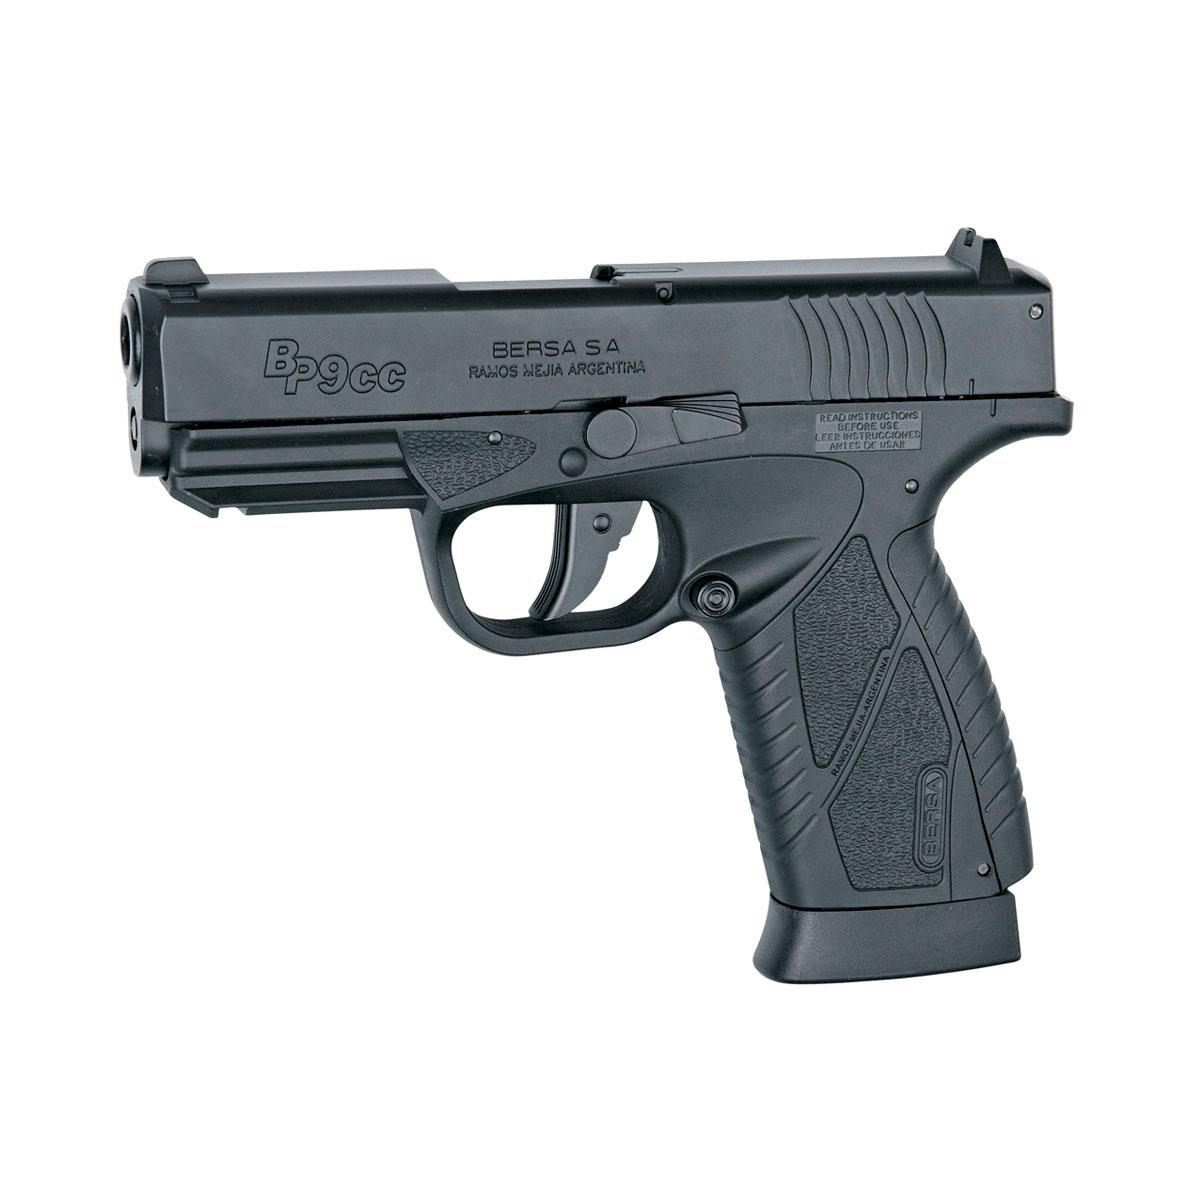 """BP9CC - полуавтоматический пистолет, производимый по лицензии аргентинской компании BERSA. Это - легкий, компактный, сверхтонкий пистолет(рукоять чуть шире баллона СО2) с эргономичным дизайном. Небольшая по размеру рукоять подойдет для подростка или девушки, желающих заняться стрелковой практикой. Модель максимально имитирует функции всех частей: подвижный затвор, планка Пикатинни под стволом для крепления фонаря и ЛЦУ. Версия не-блоубэк (при выстреле """"затвор"""" остаётся неподвижным).Возврат  товара  возможен только при наличии заключения сервисного центра.Время работы сервисного центра: Пн-чт: 10.00-18.00Пт: 10.00- 17.00Сб, Вс: выходные дниАдрес: ООО """"ГАТО"""", 121471, г.Москва,  ул.  Петра  Алексеева,  д  12., тел. (495)232-4670, gato@gato.ru"""